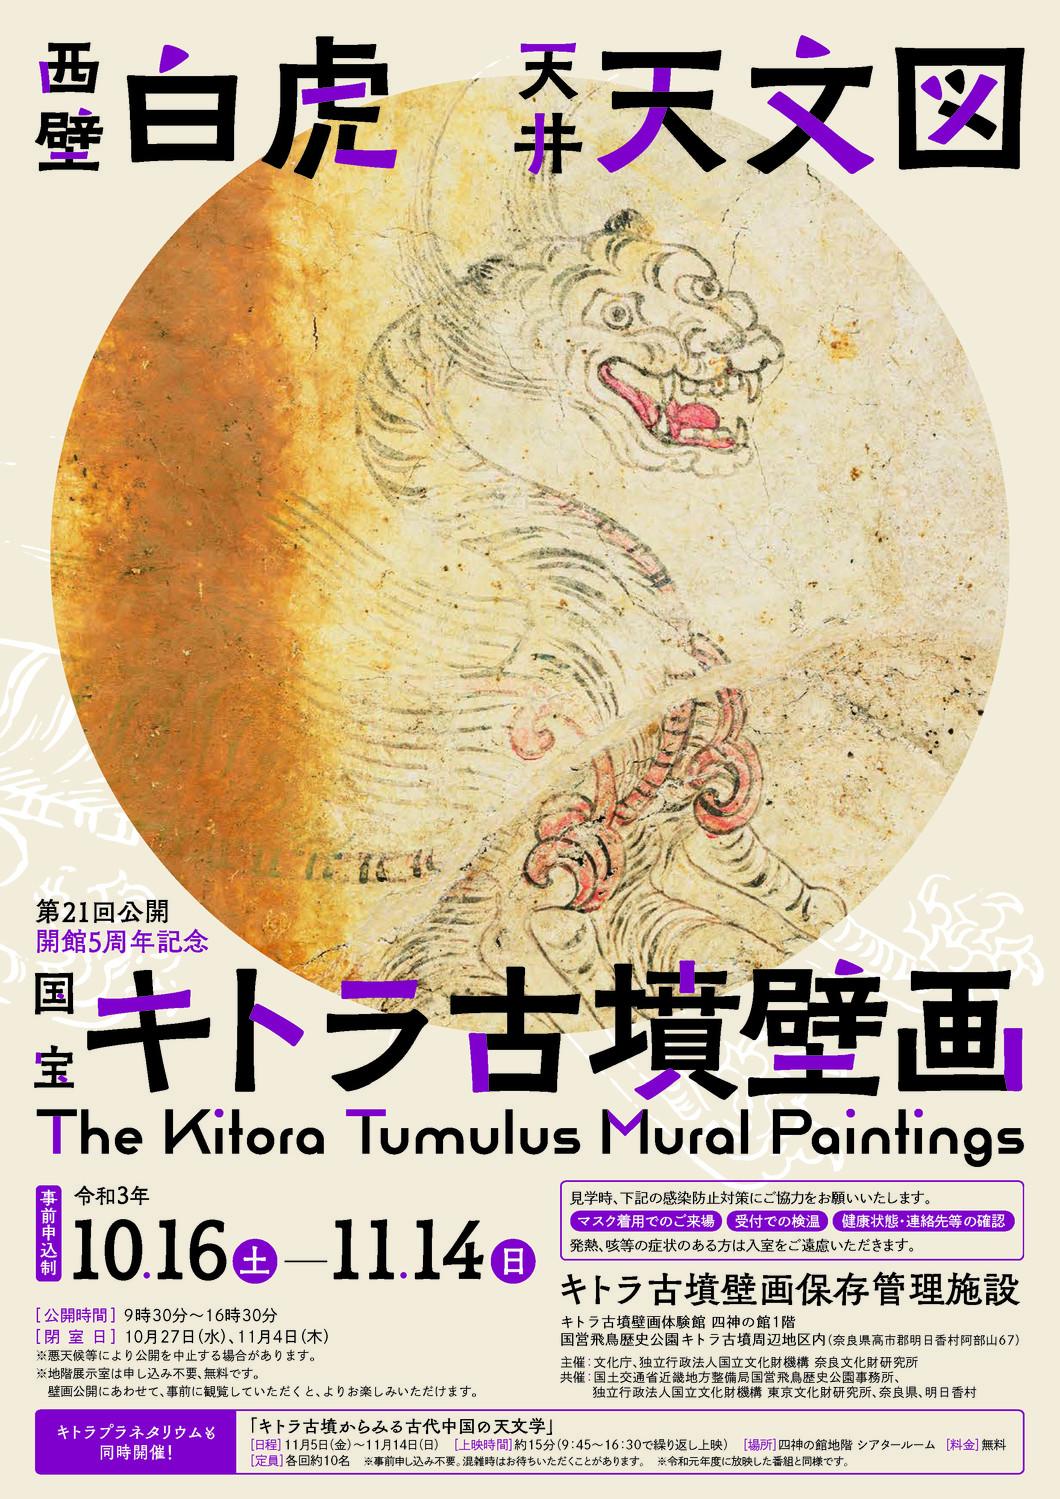 令和3年度 国宝キトラ古墳壁画の公開(第21回)